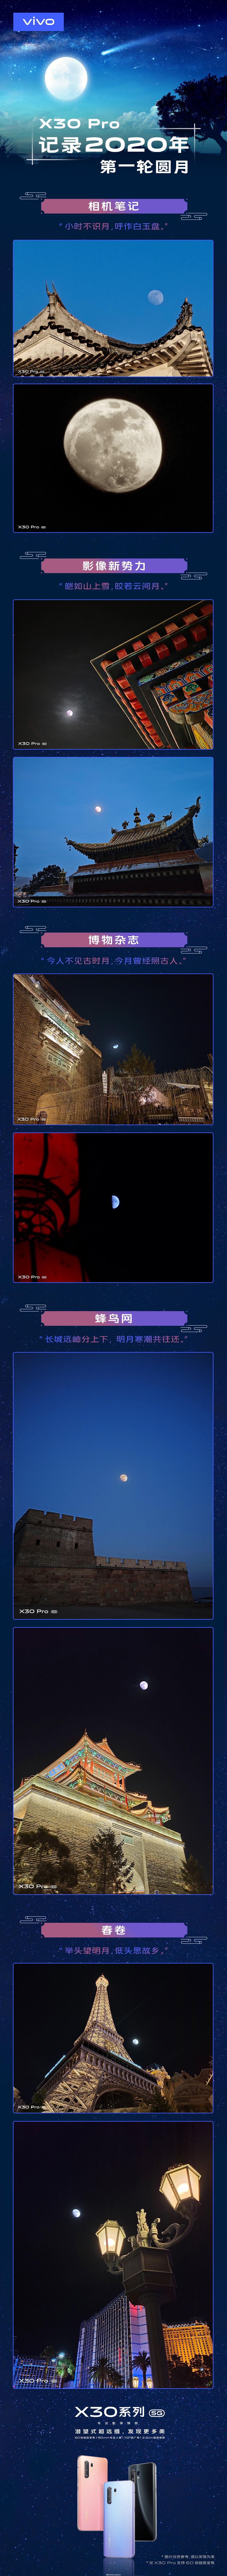 微信图片_20200111115141.jpg